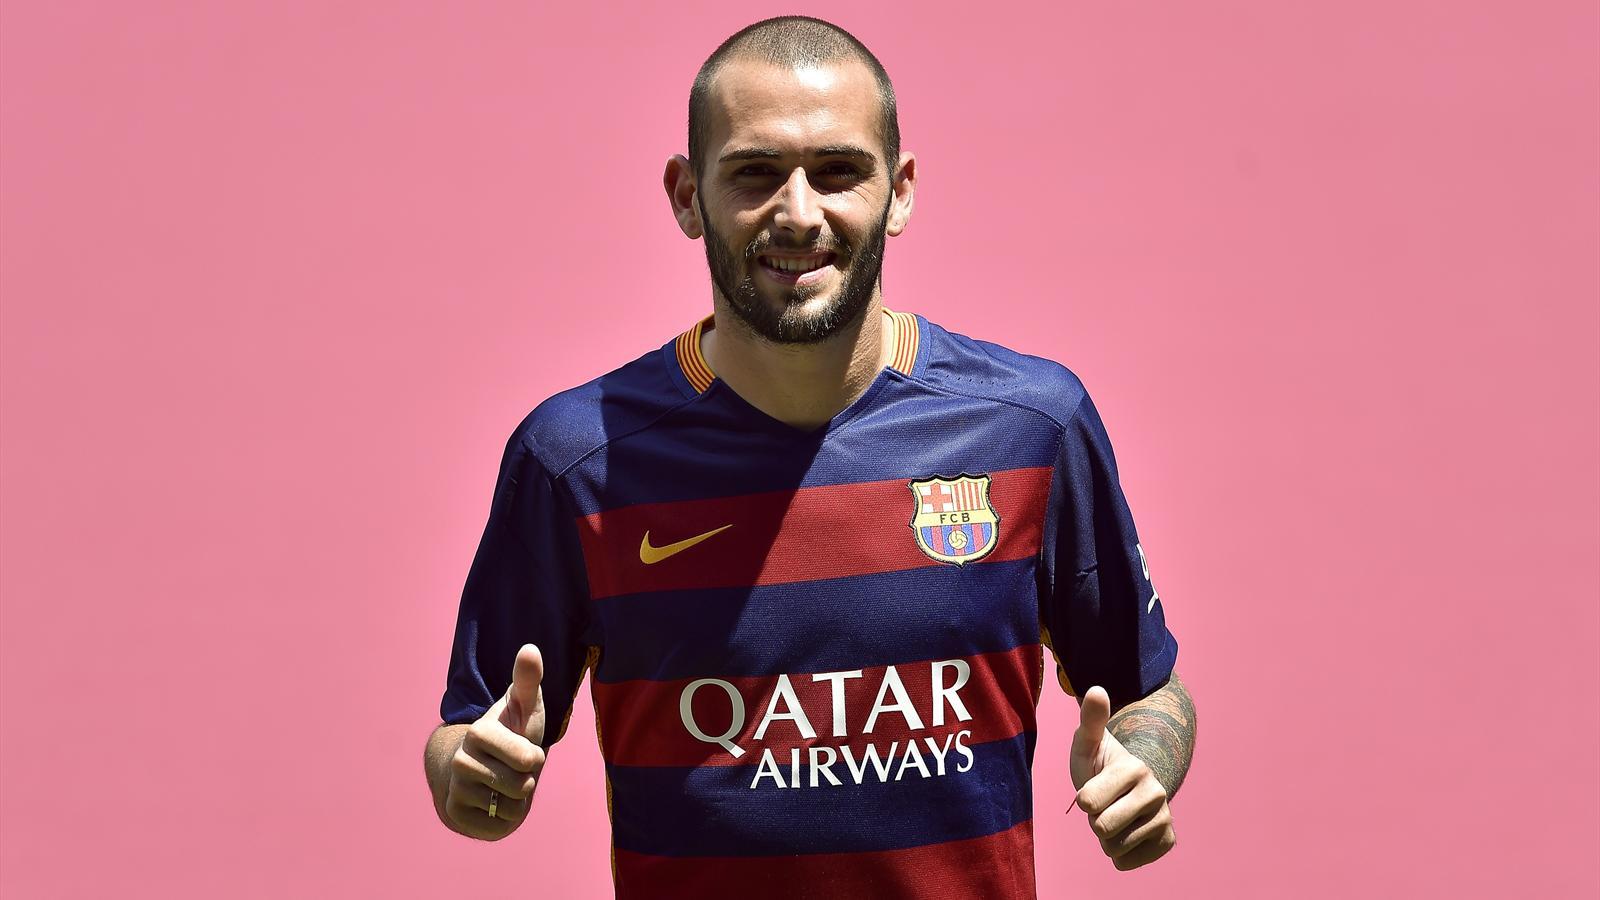 Barcelona sign Aleix Vidal from Sevilla in £16.7m deal - Liga 2011-2012 - Football - Eurosport